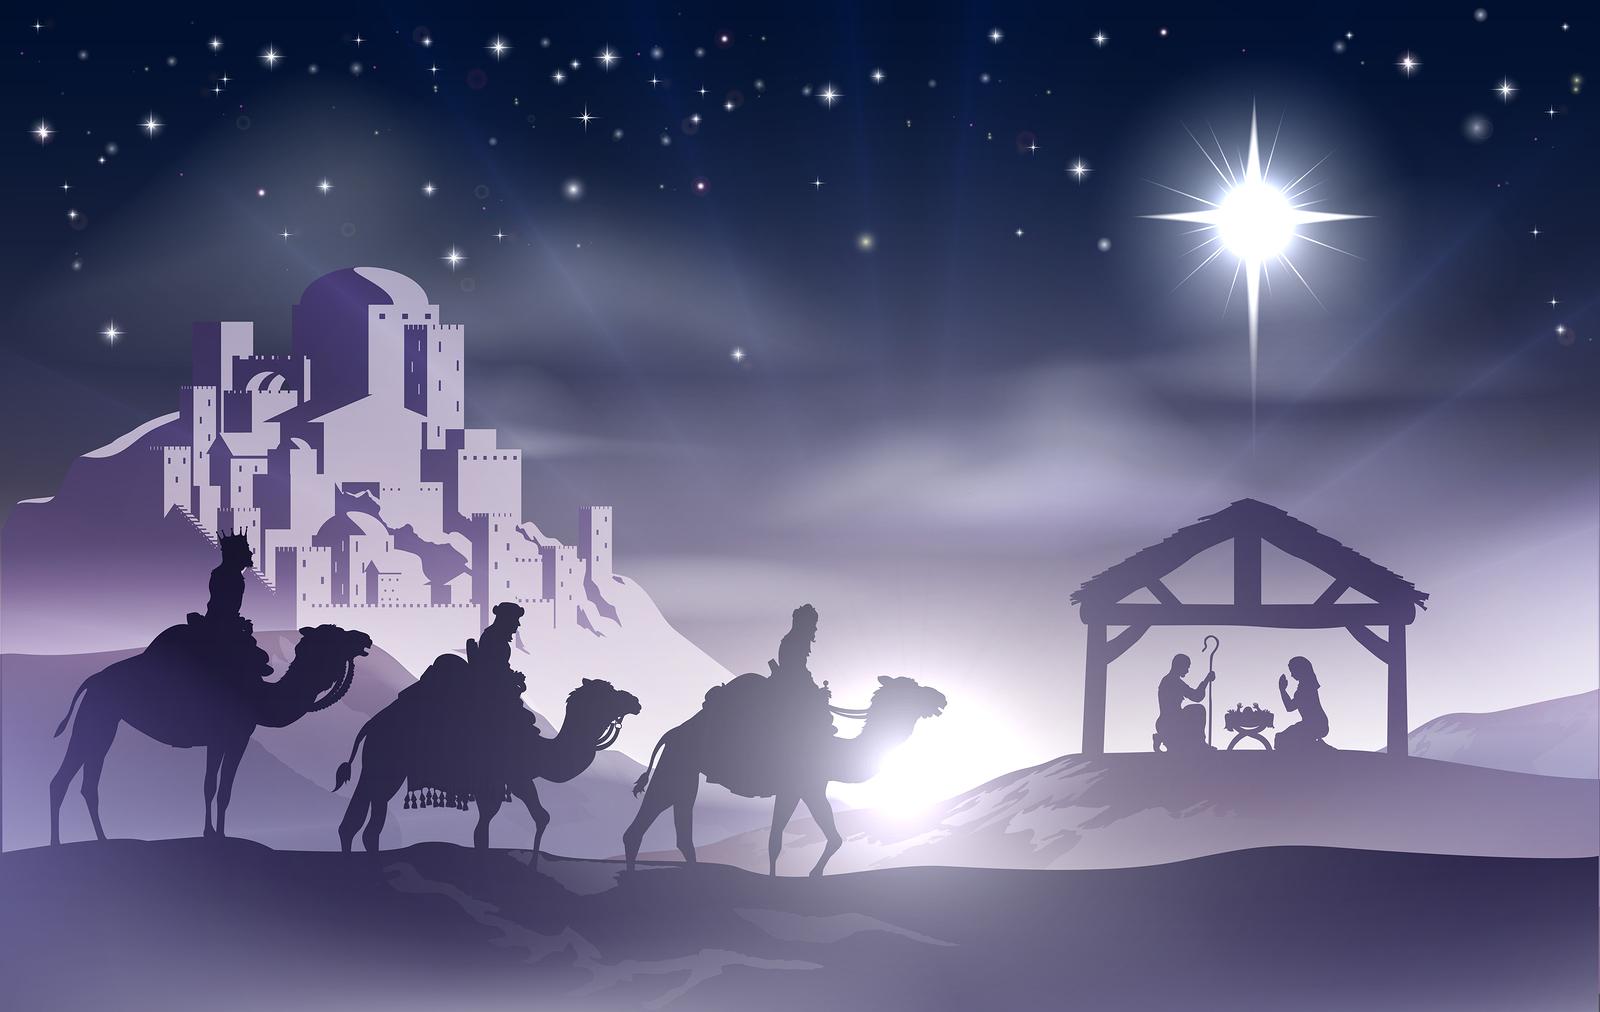 Trinity's Advent Calendar